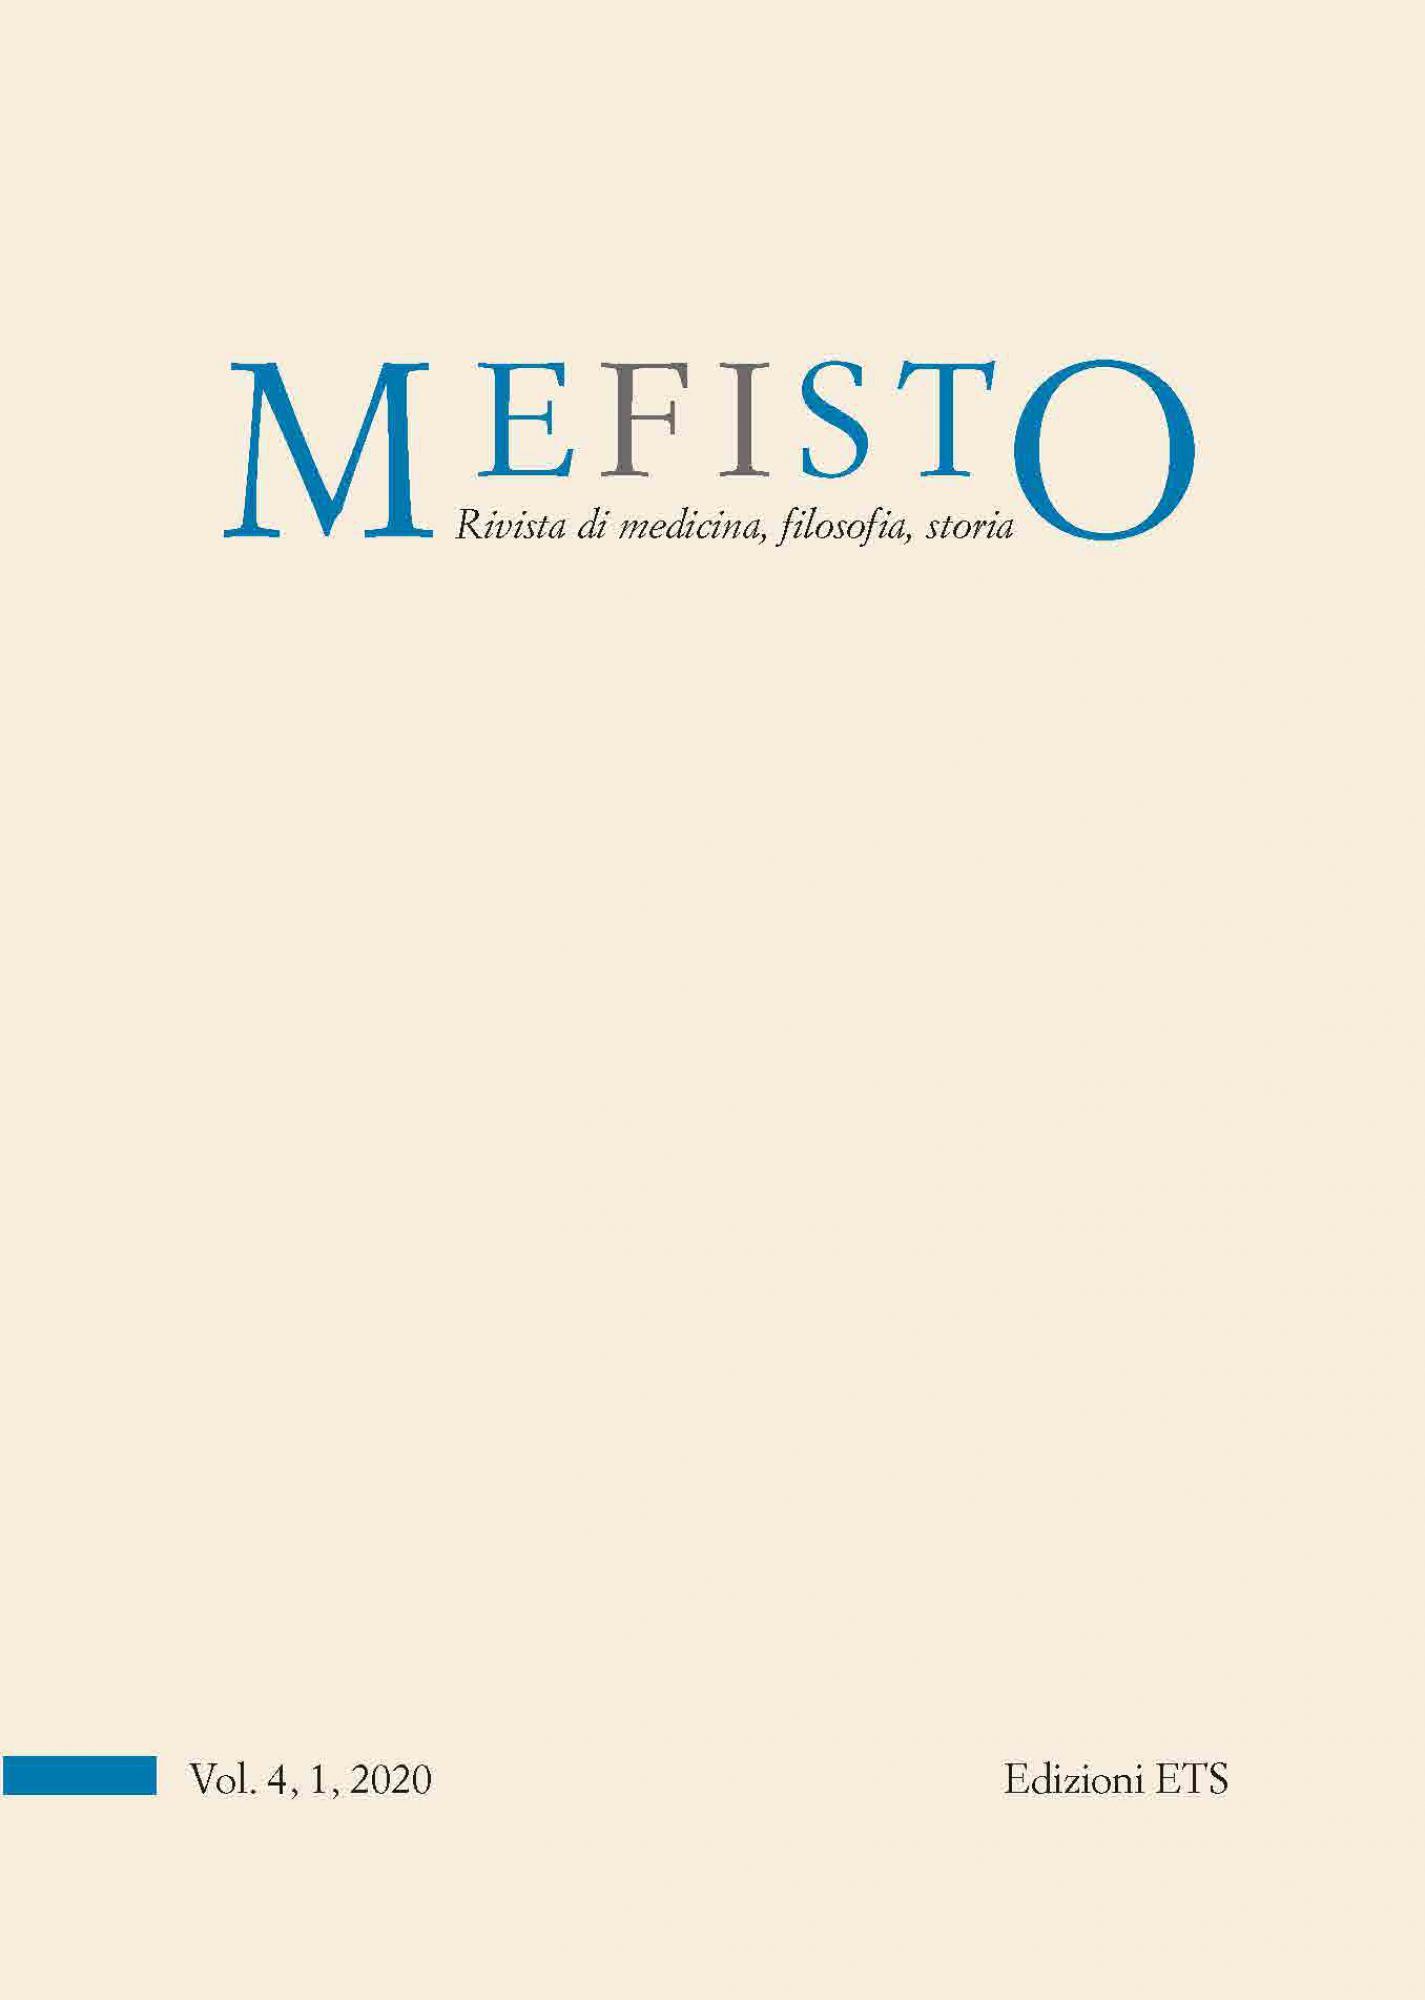 Mefisto. Rivista di medicina, filosofia, storia.Vol. 4, 1, 2020